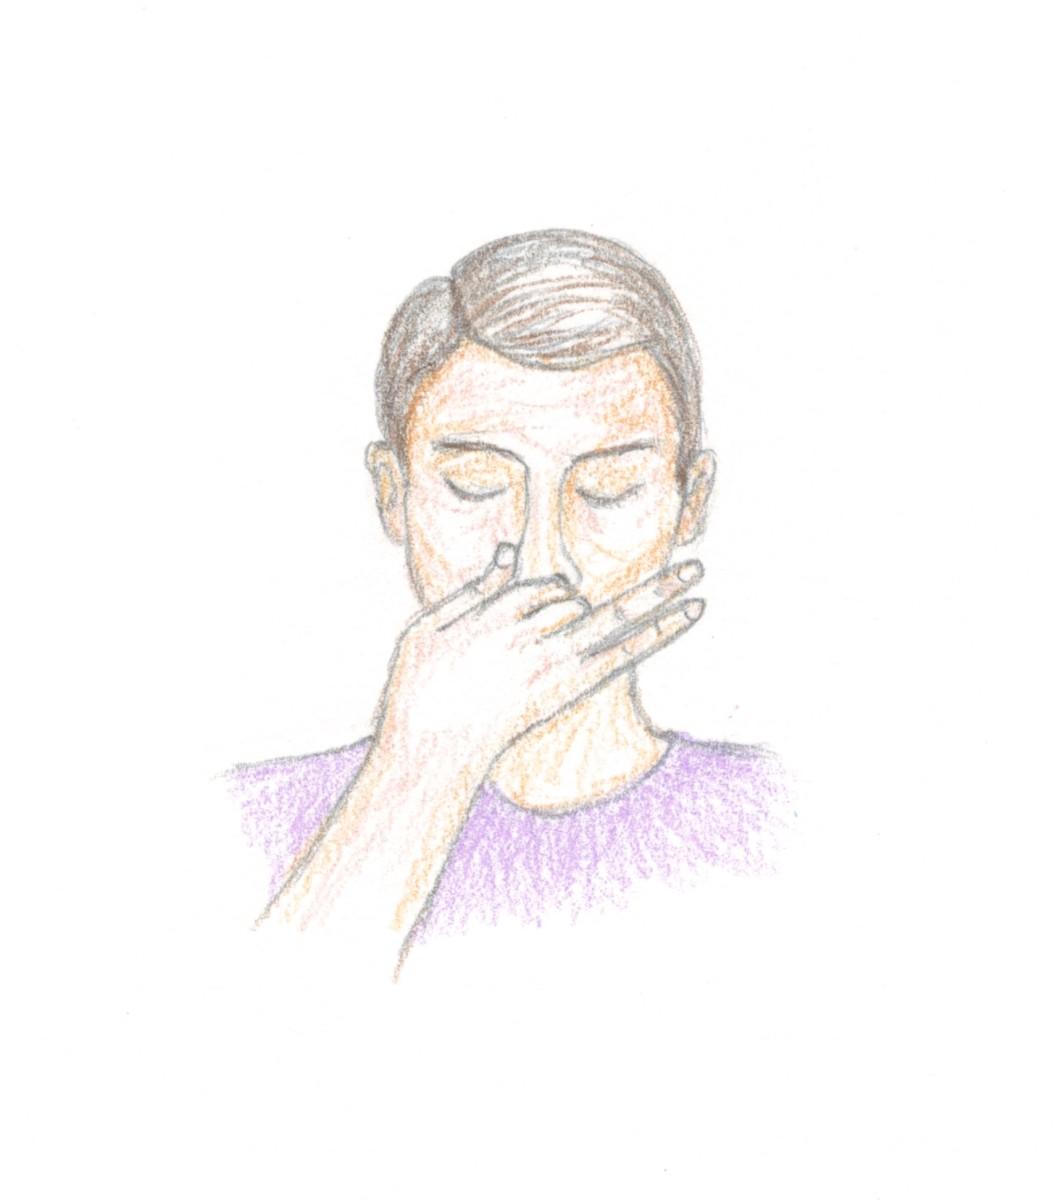 Alternate Nostril Breathing: Artwork by SP Austen